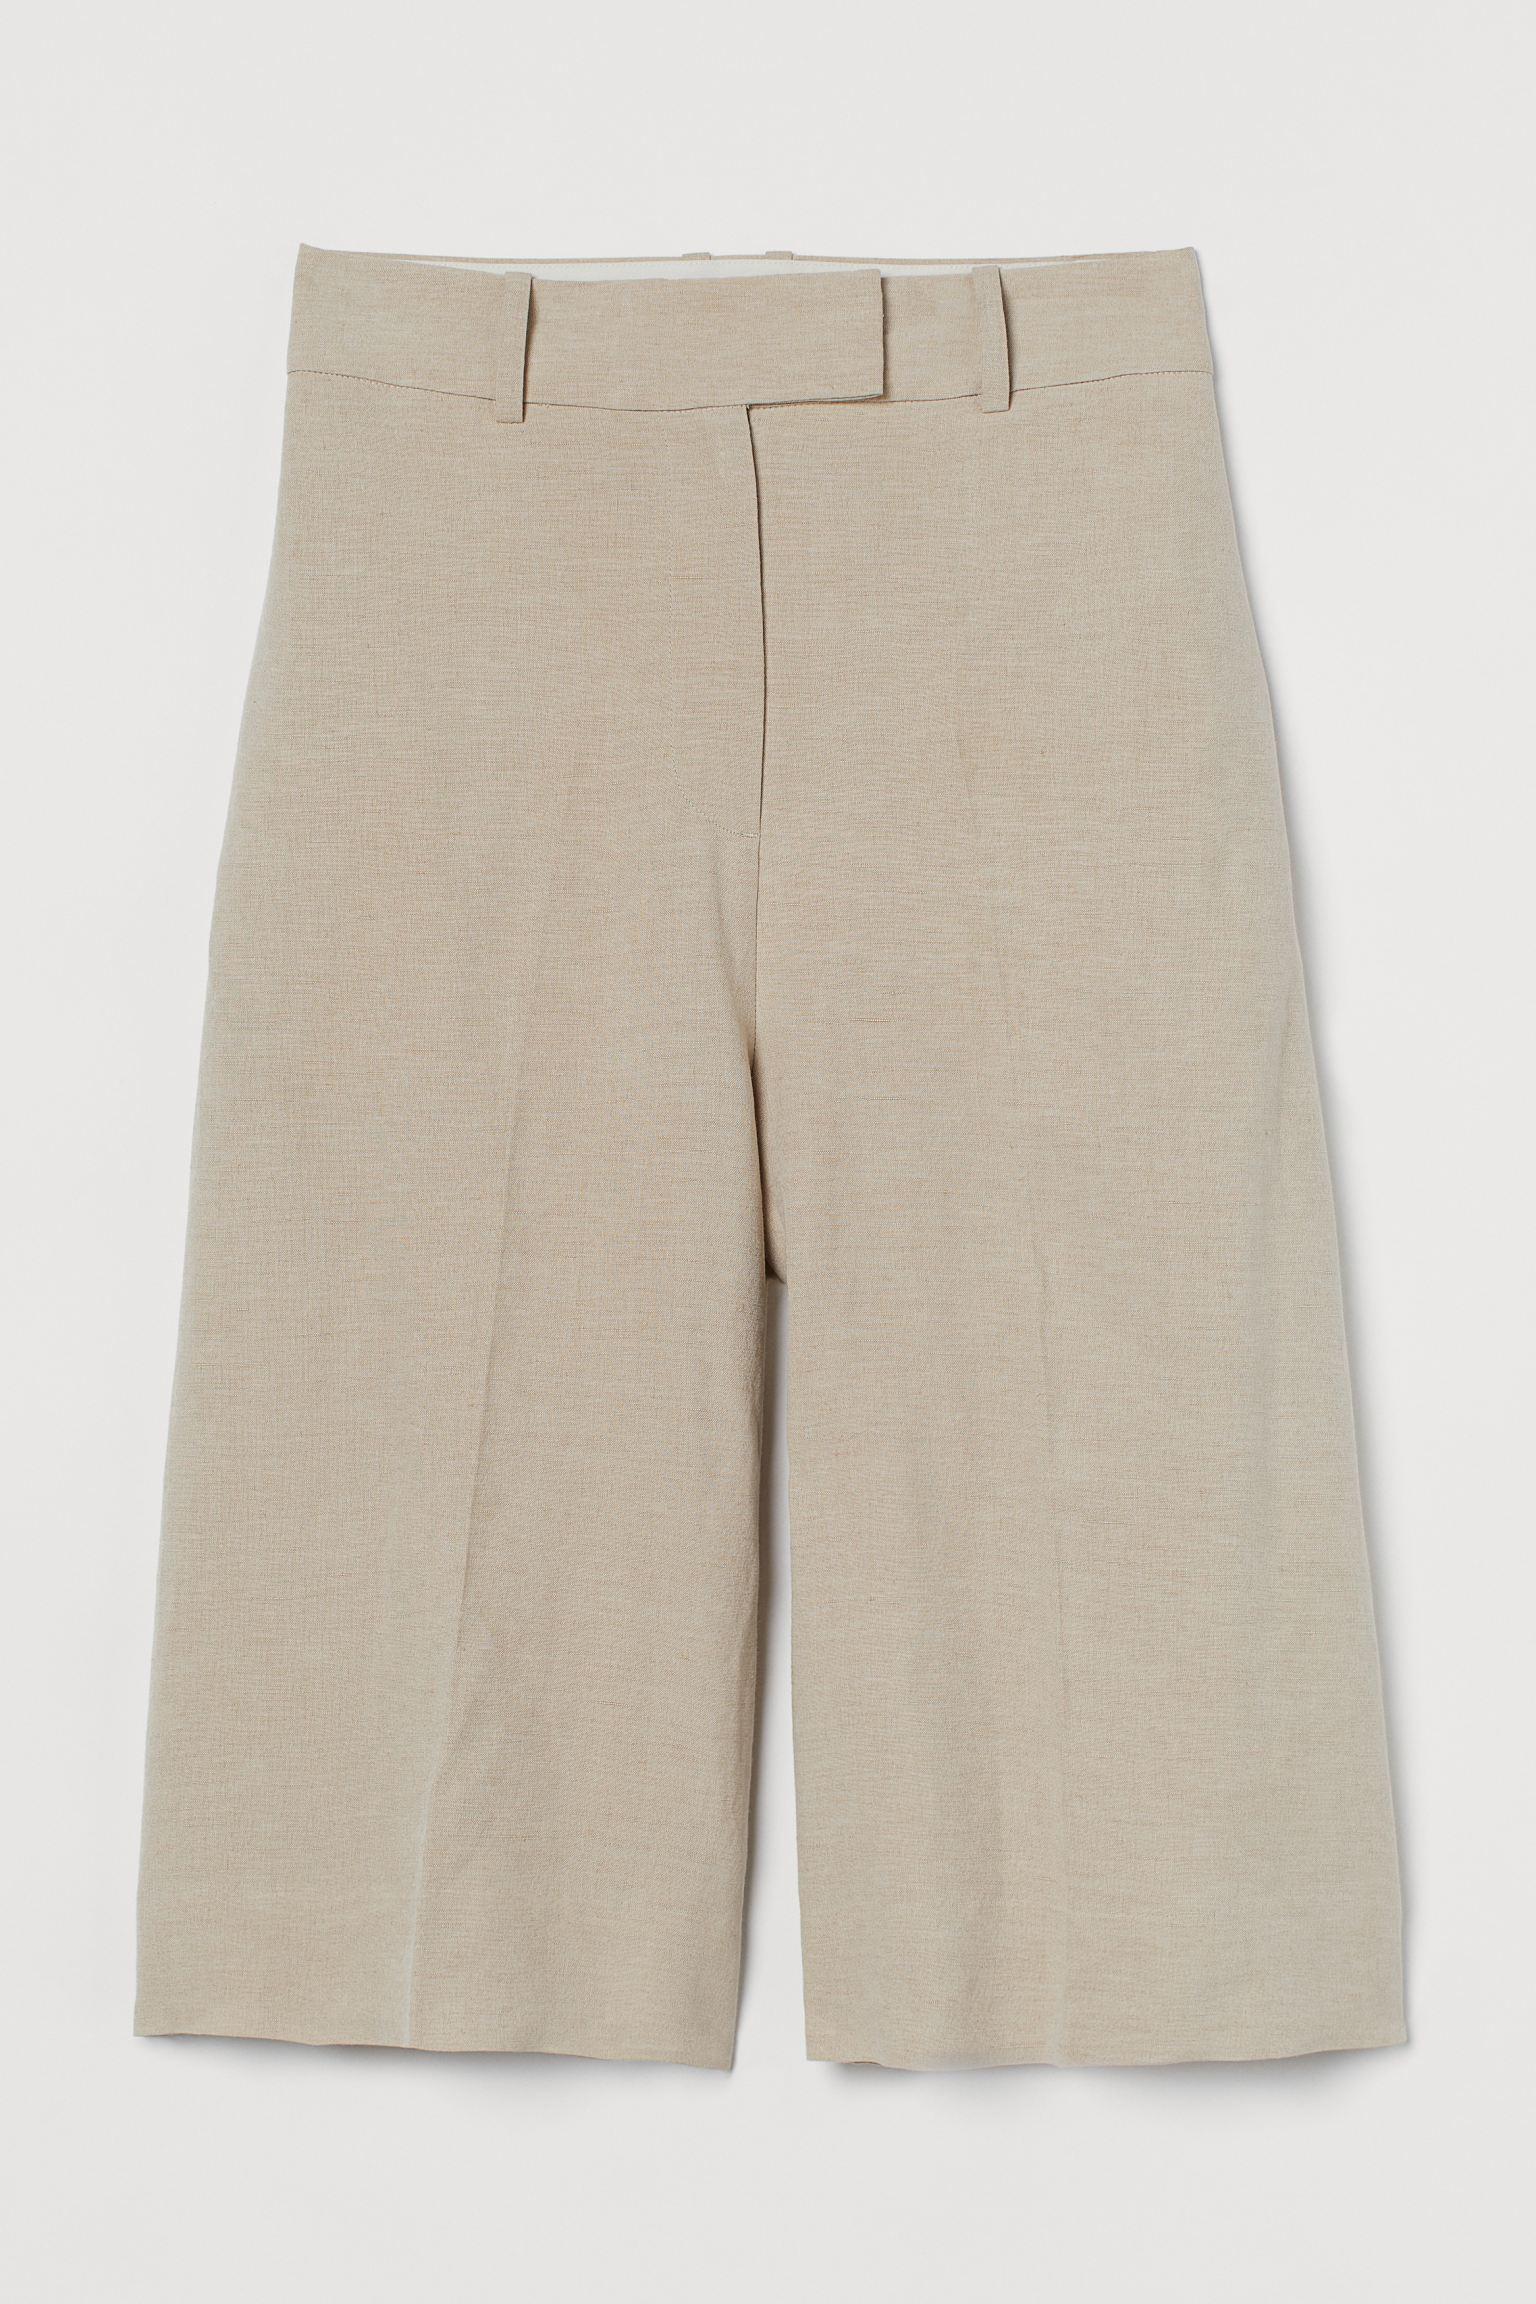 Bermudas de tela. Modelo de talle alto con cierre de corchete y cremallera, bolsillos en las costuras laterales, bolsillos insertados detrás y perneras rectas con raya.